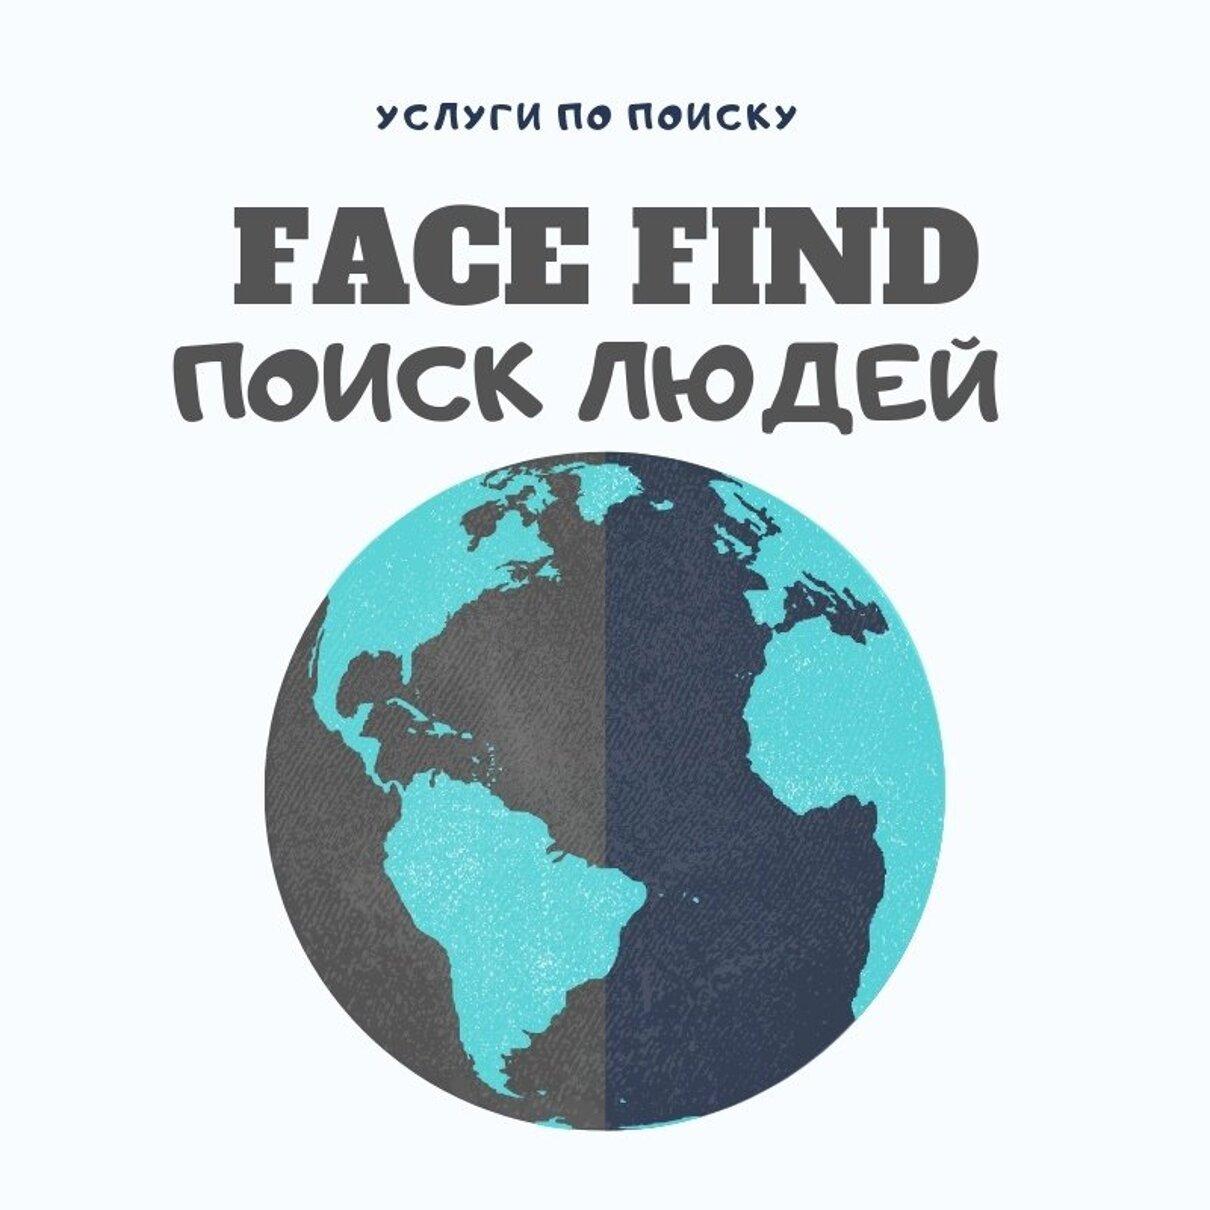 Жалоба-отзыв: Группа в социальных сетях - Find Face (Face Find) - поиск людей - МОШЕННИКИ FACE FIND (Find Face) в контакте и Фейсбуке - пользуясь известным брендом входят в доверие и кидают клиентов на деньги.  Фото №2